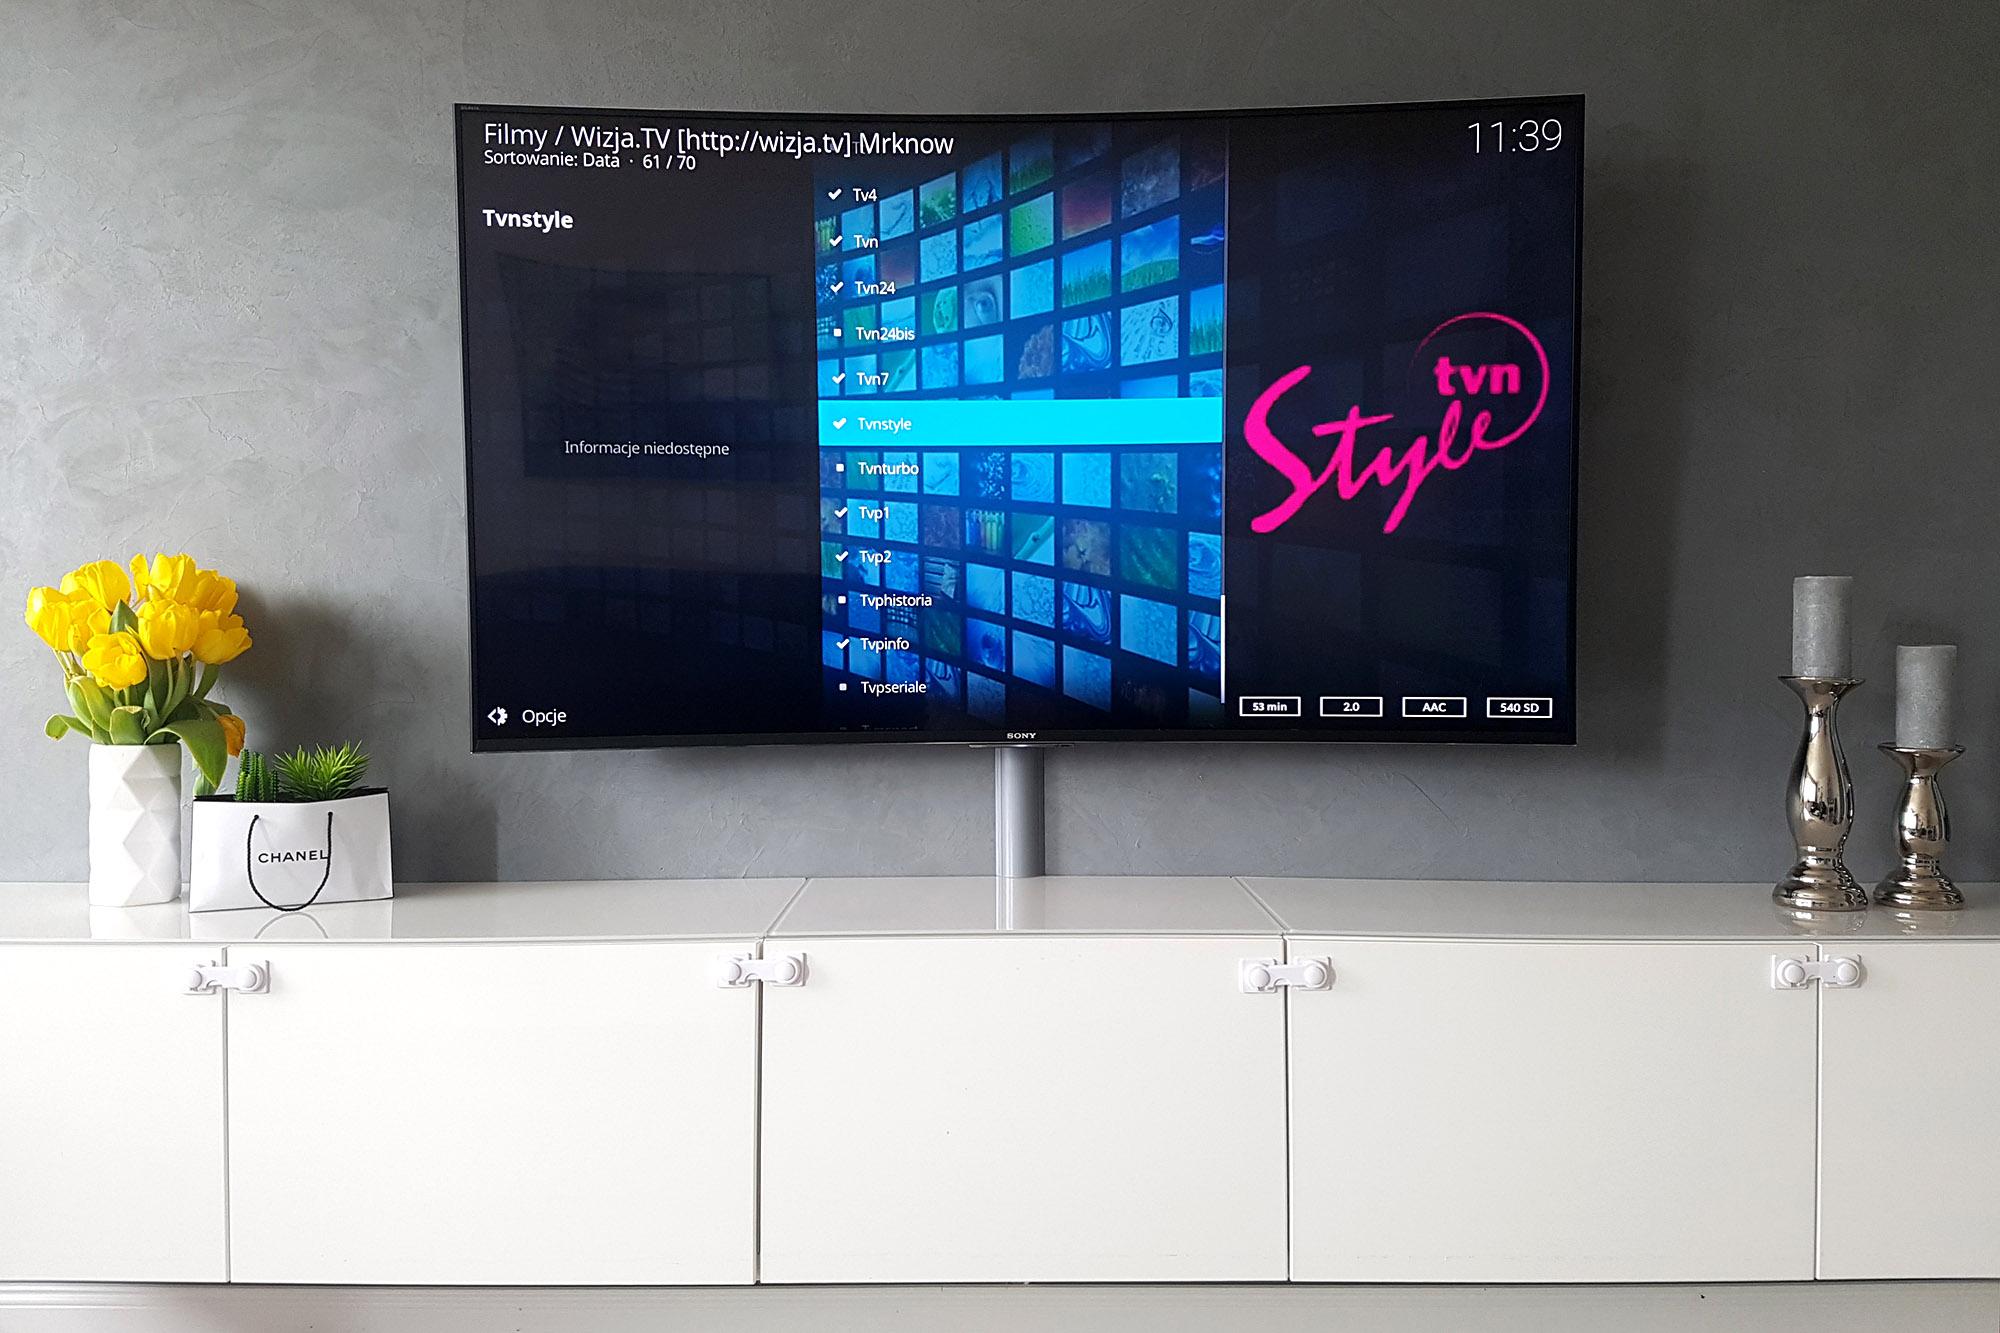 polska telewizja online